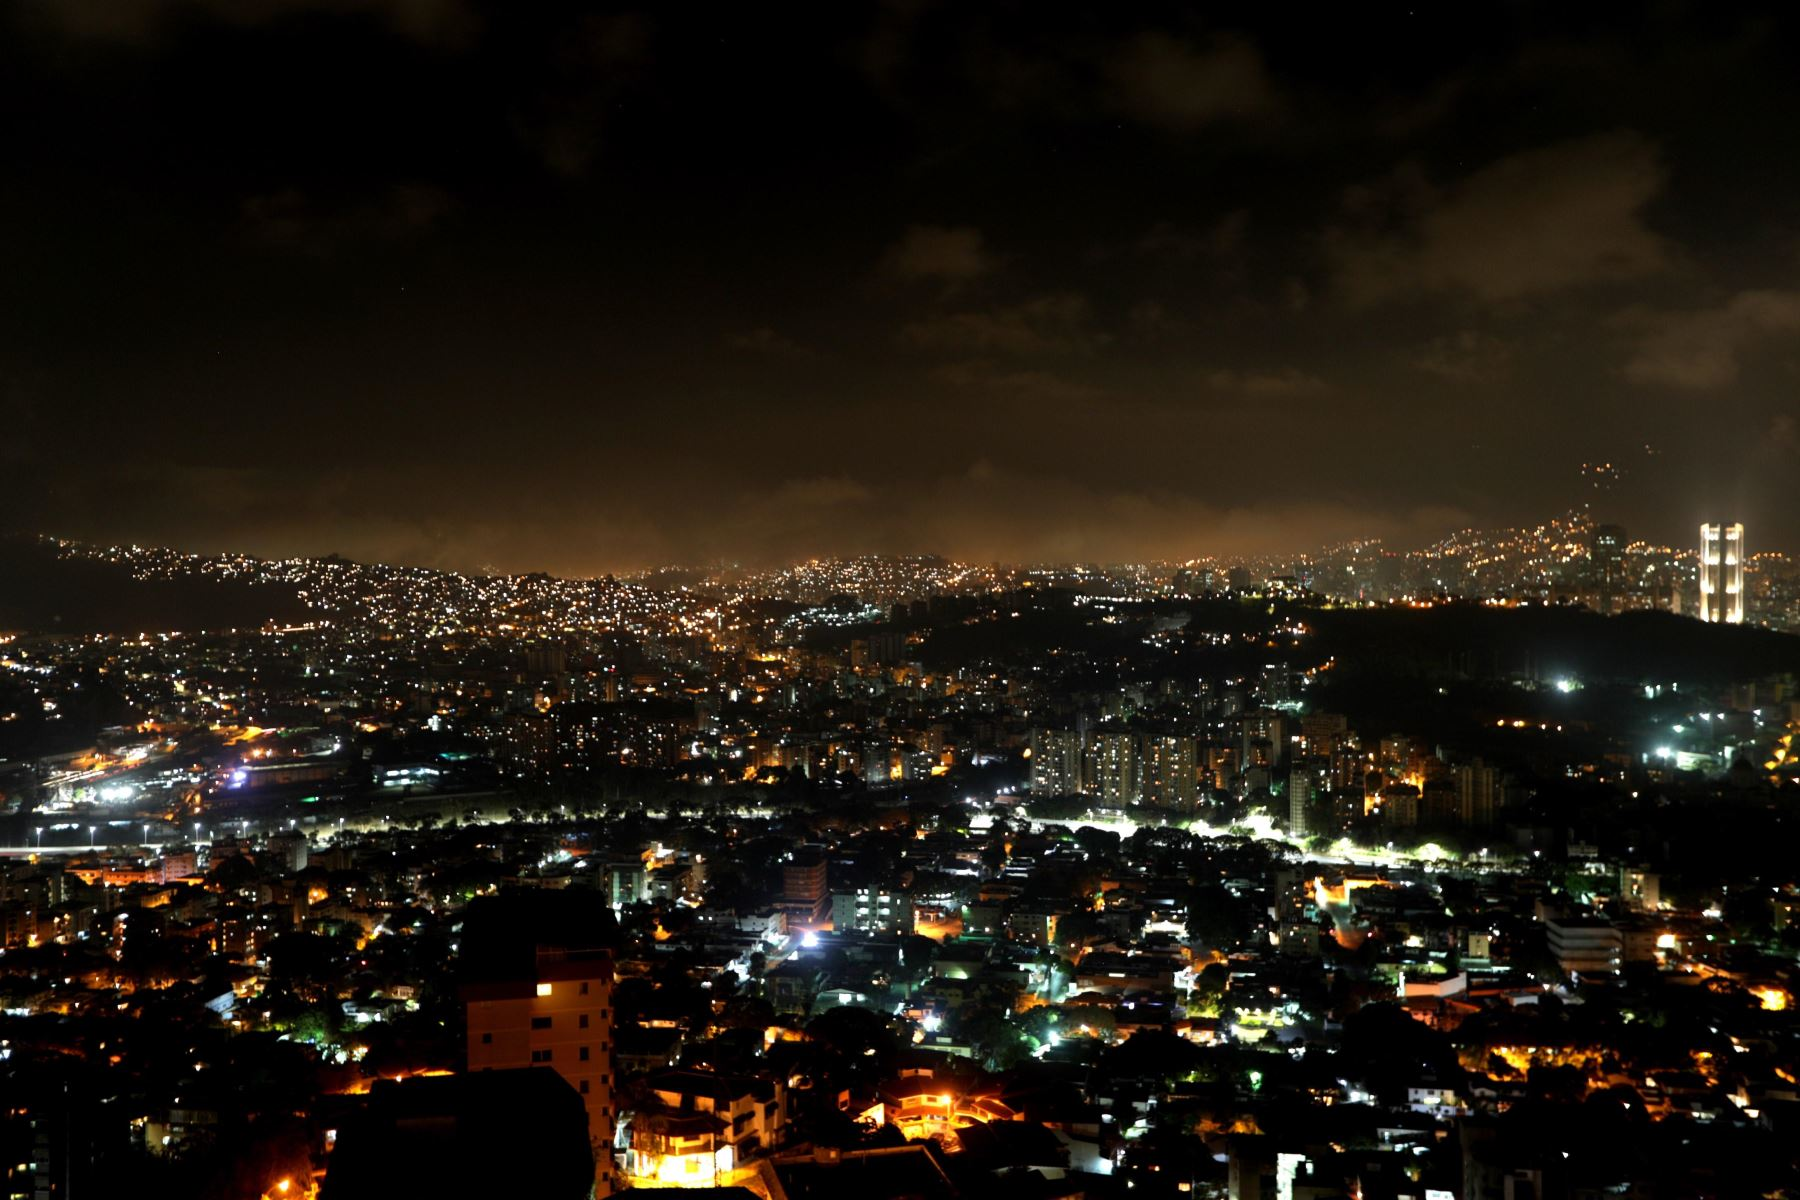 Estatus de restablecimiento del servicio eléctrico en Venezuela